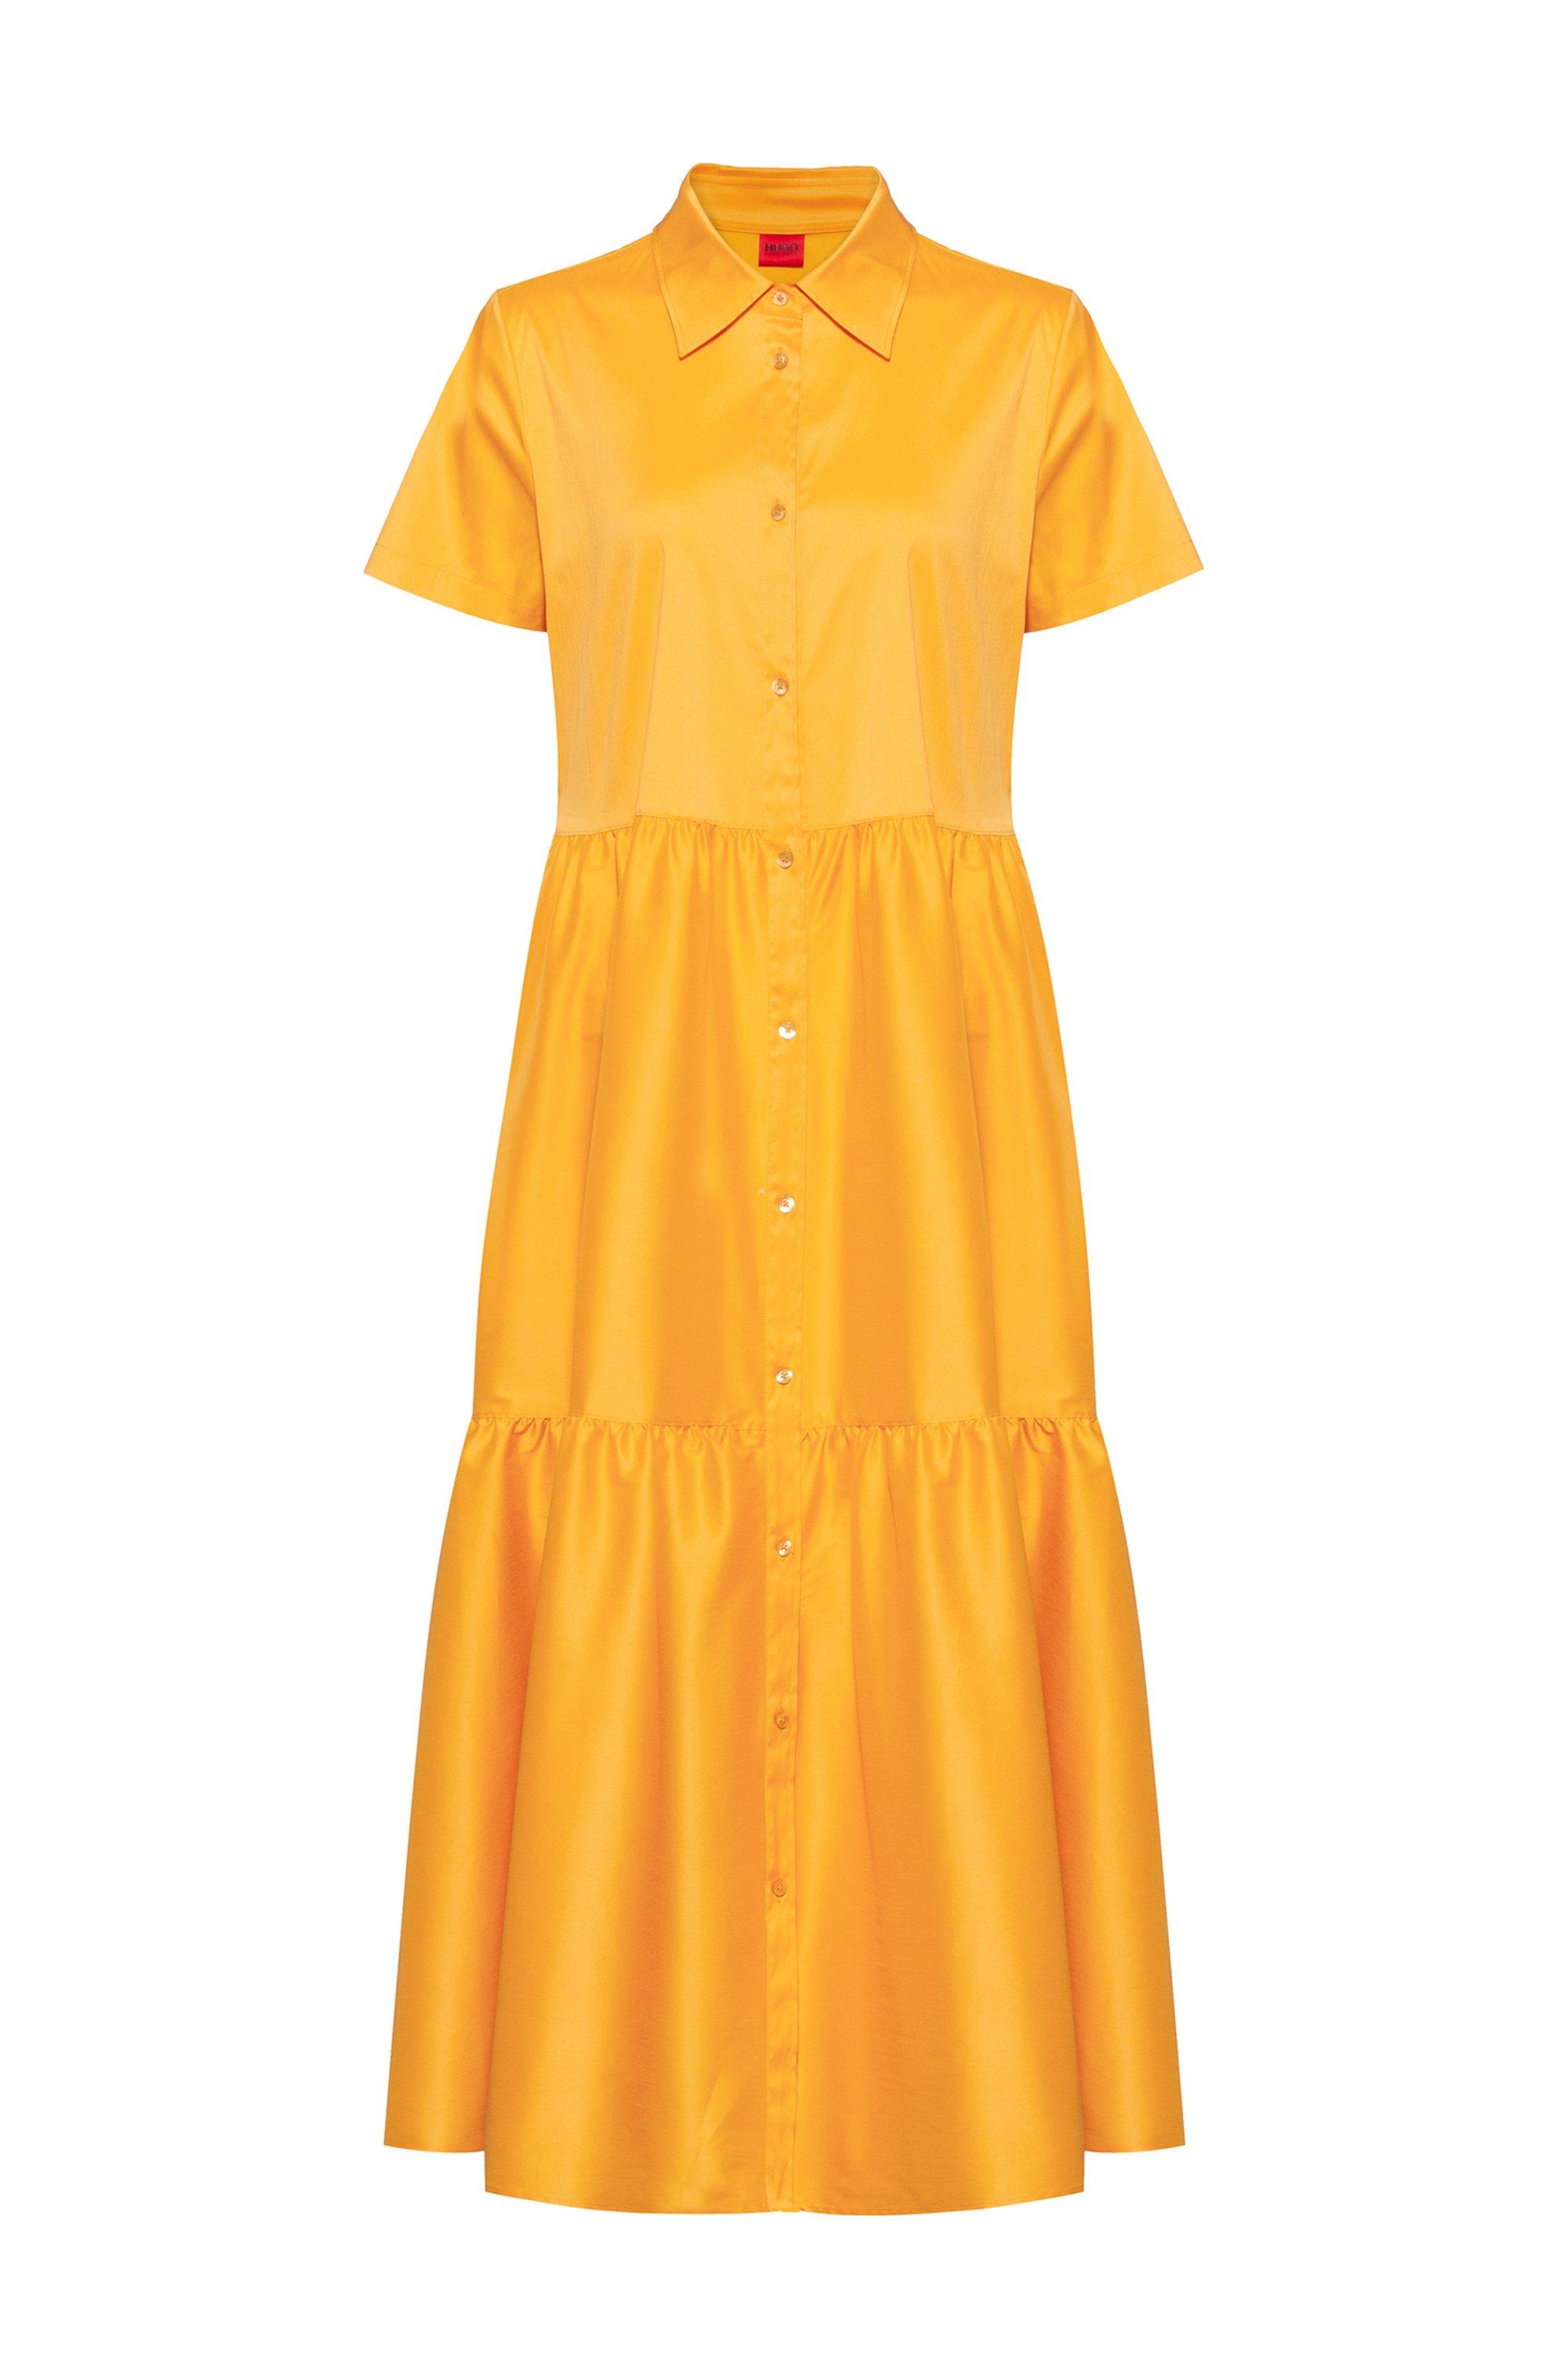 Hemdblusenkleid aus Baumwoll-Mix mit Rüschenrock, Gelb